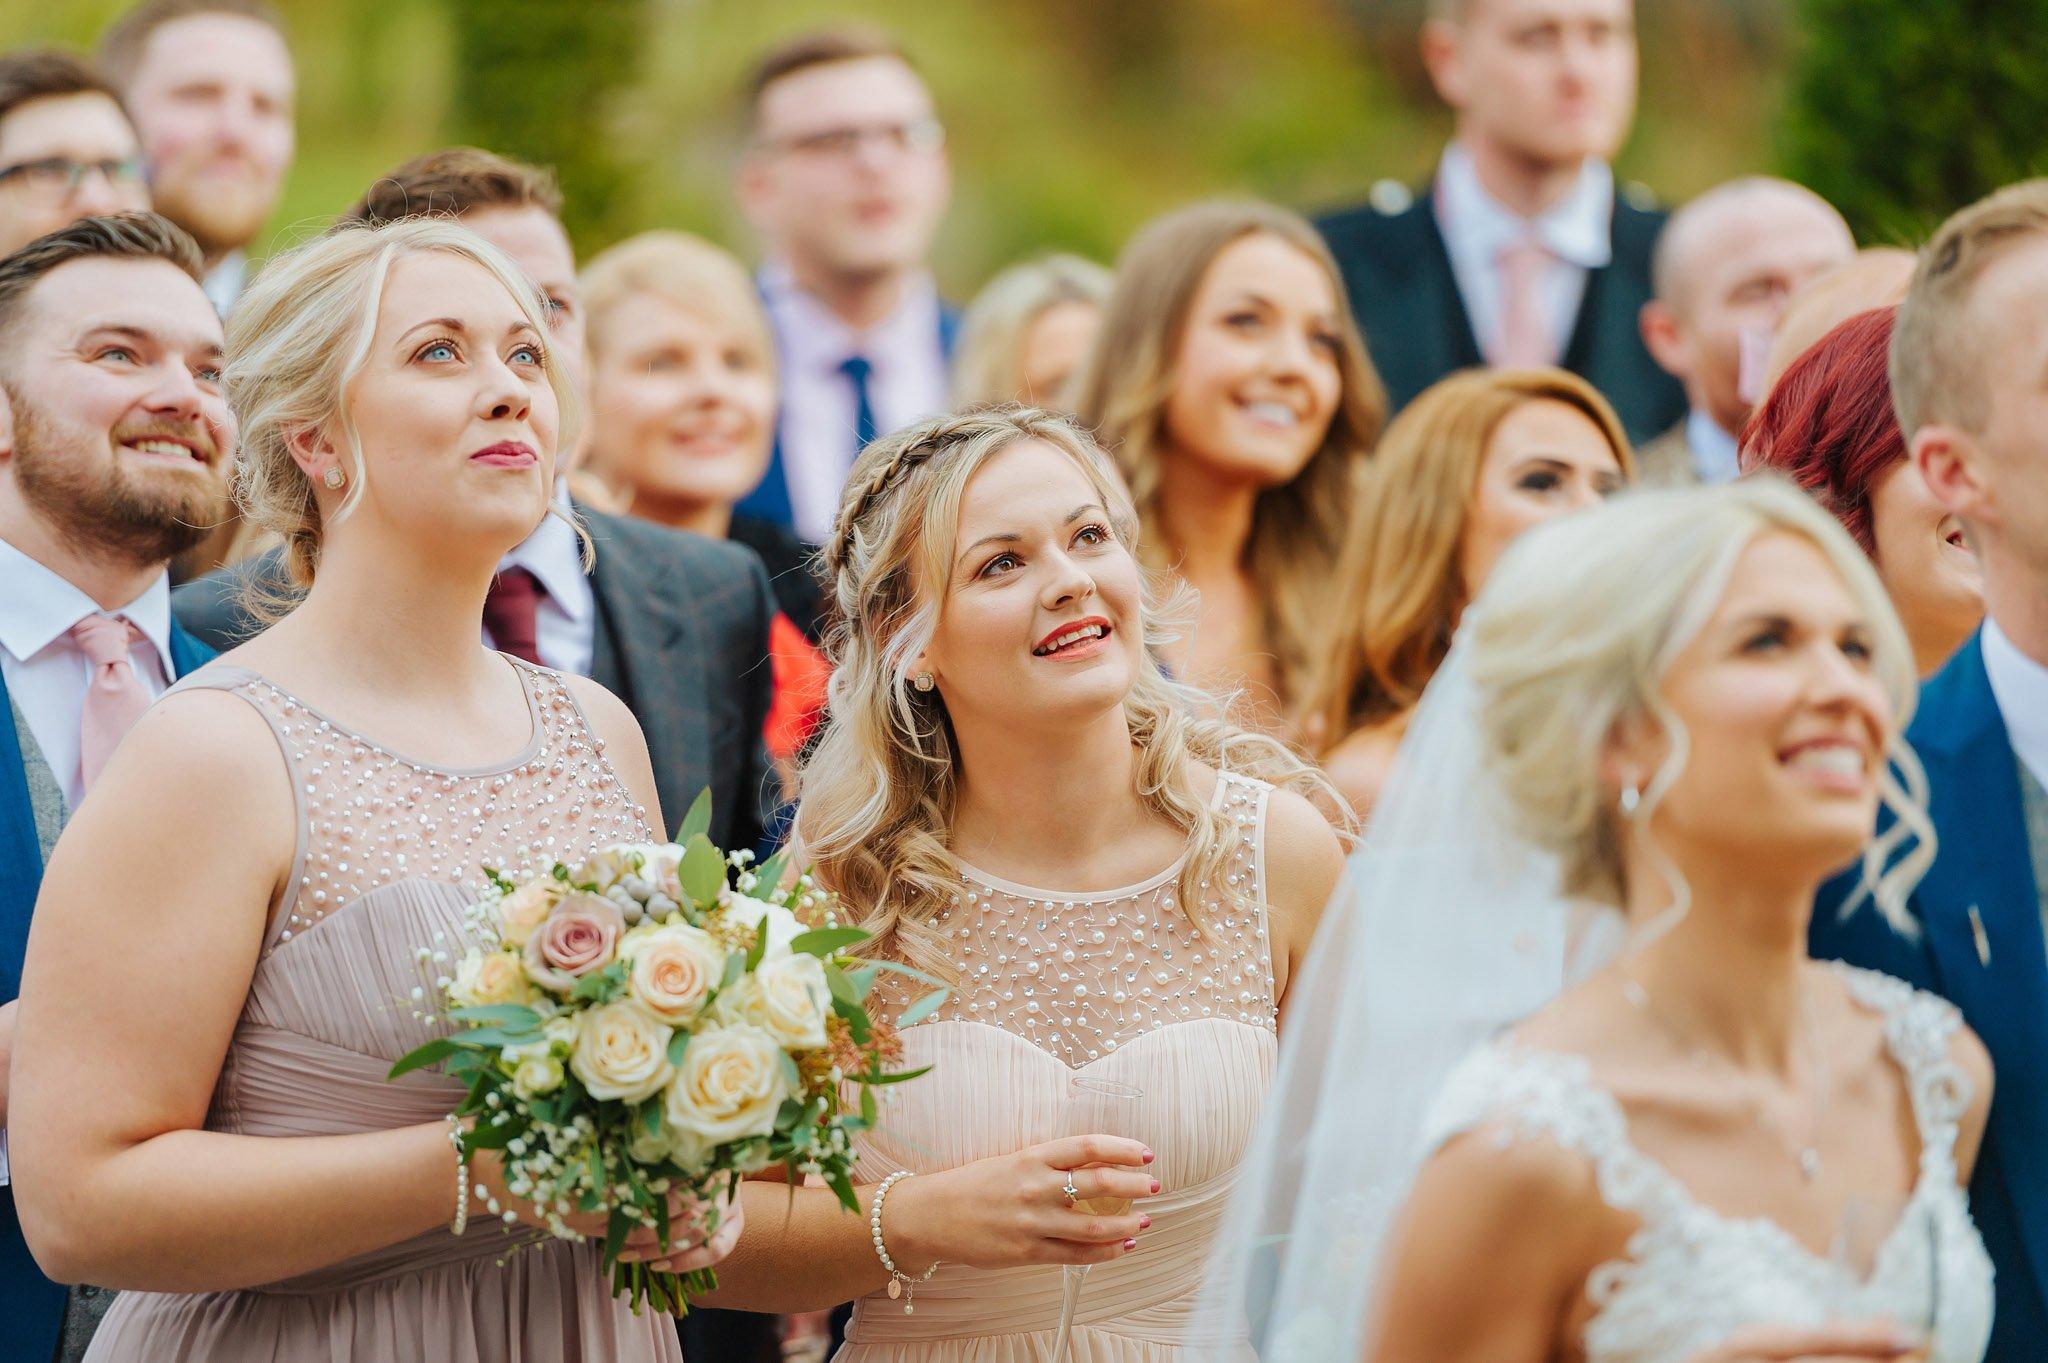 Lemore Manor wedding, Herefordshire - West Midlands | Sadie + Ken 53